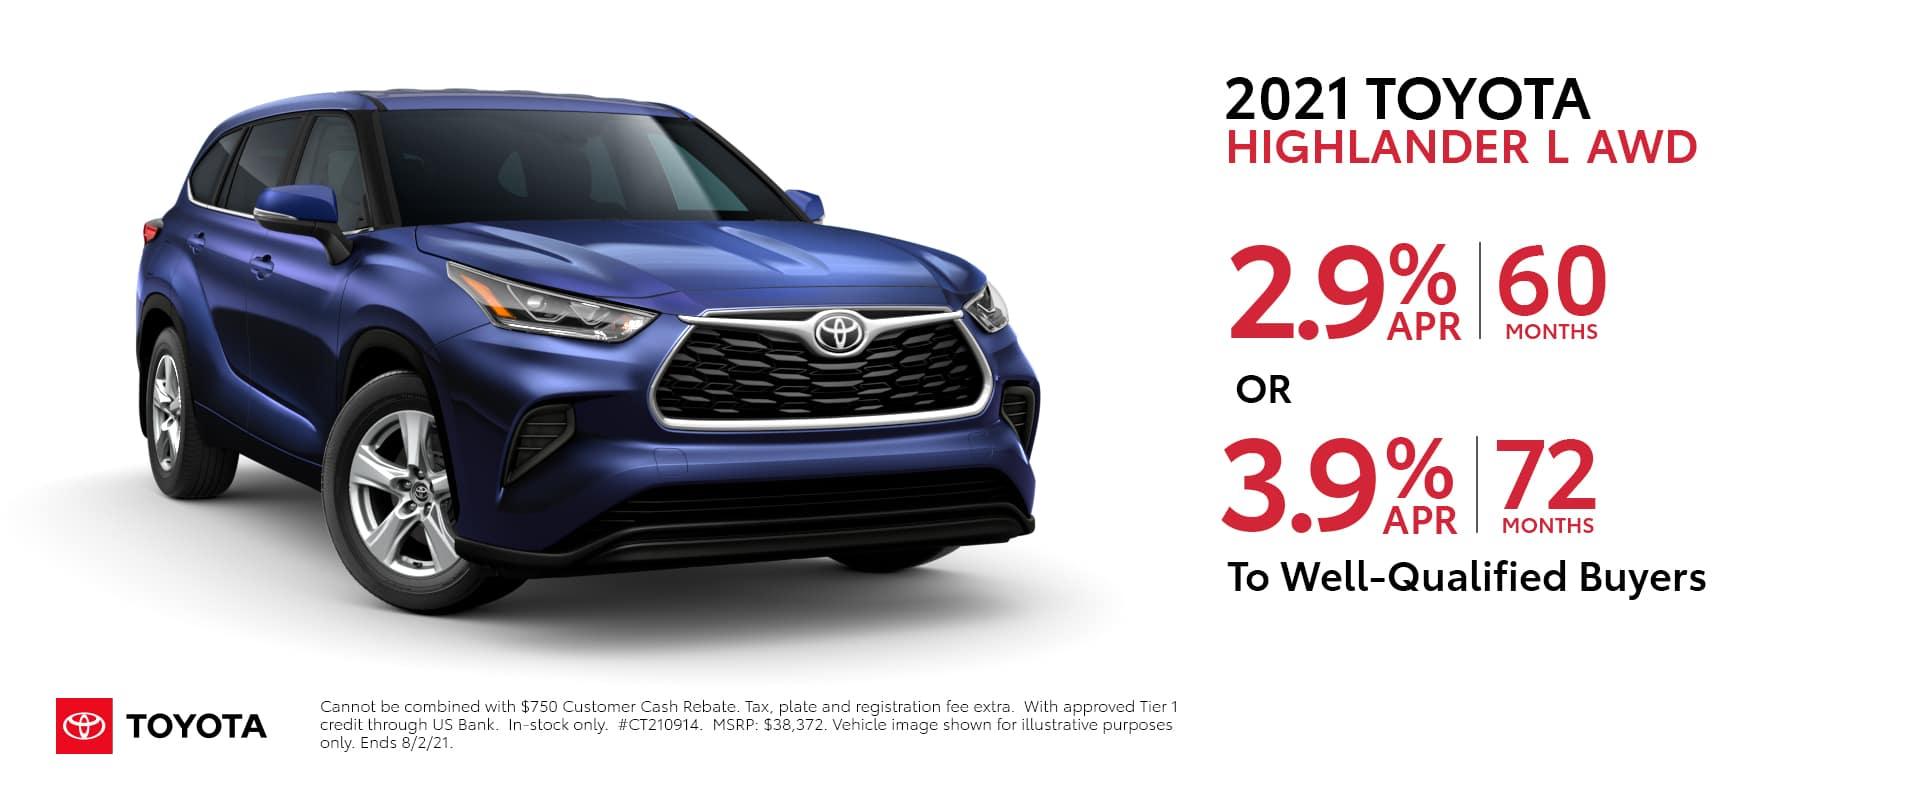 2021-Toyota-Highlander-L-AWD-APR